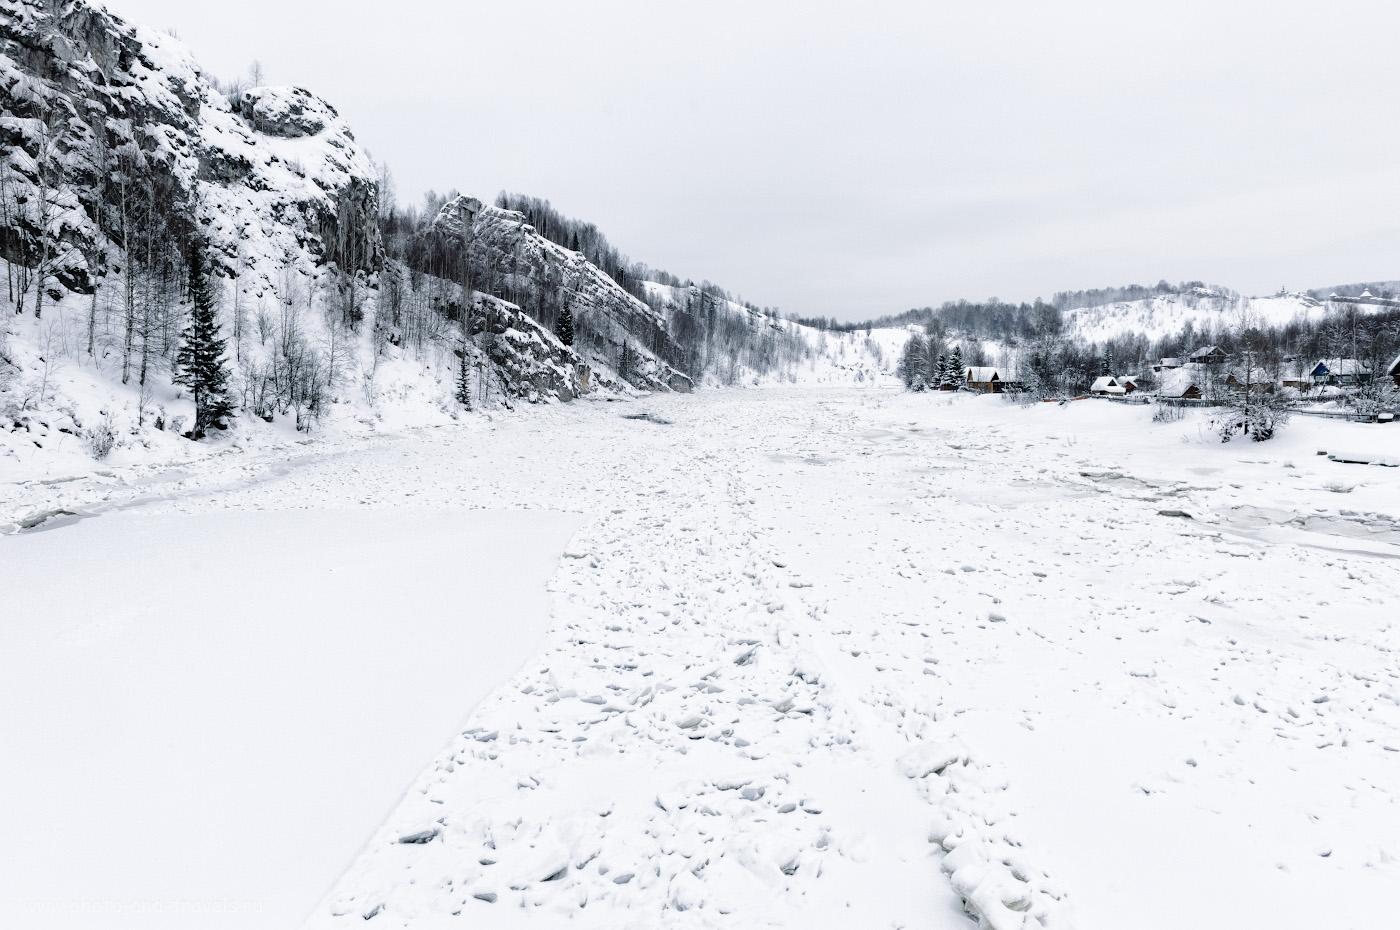 Фото 6. Вид на Косьву с моста вверх по течению. Интересные для туристов места в Пермском крае. 1/60, 9.0, 200, +1.33, 24.